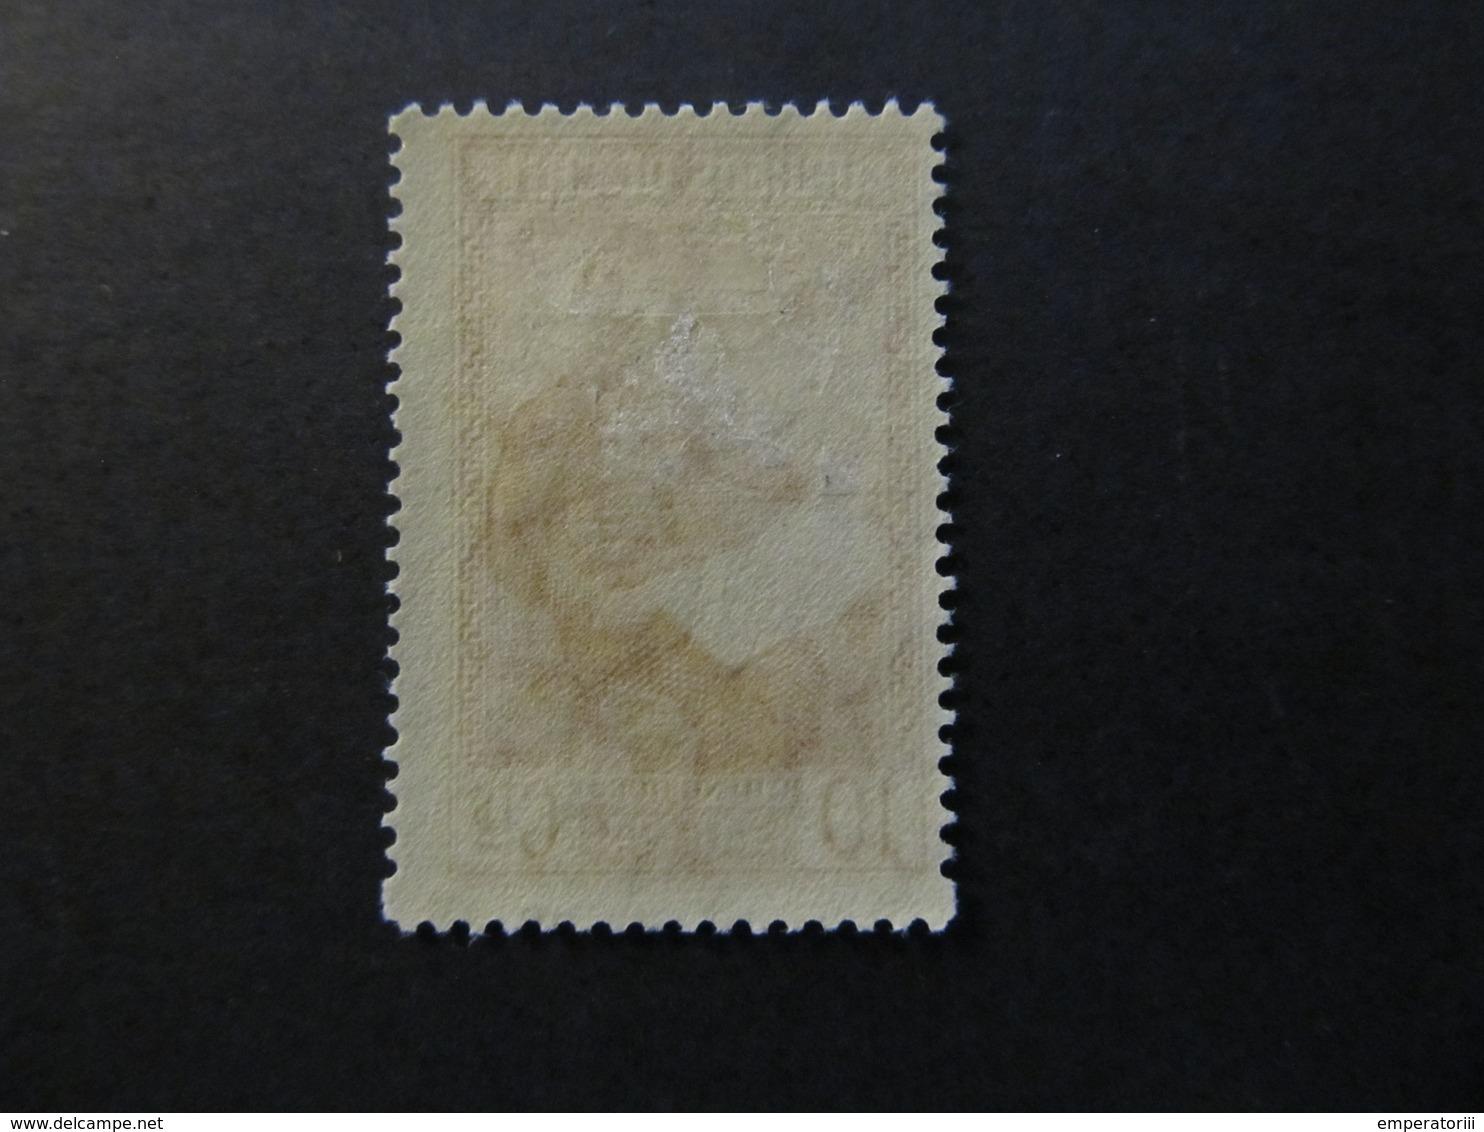 1941 - CHILE - CARMILO HENRIQUEZ - SCOTT 211 A90 10C - Chile